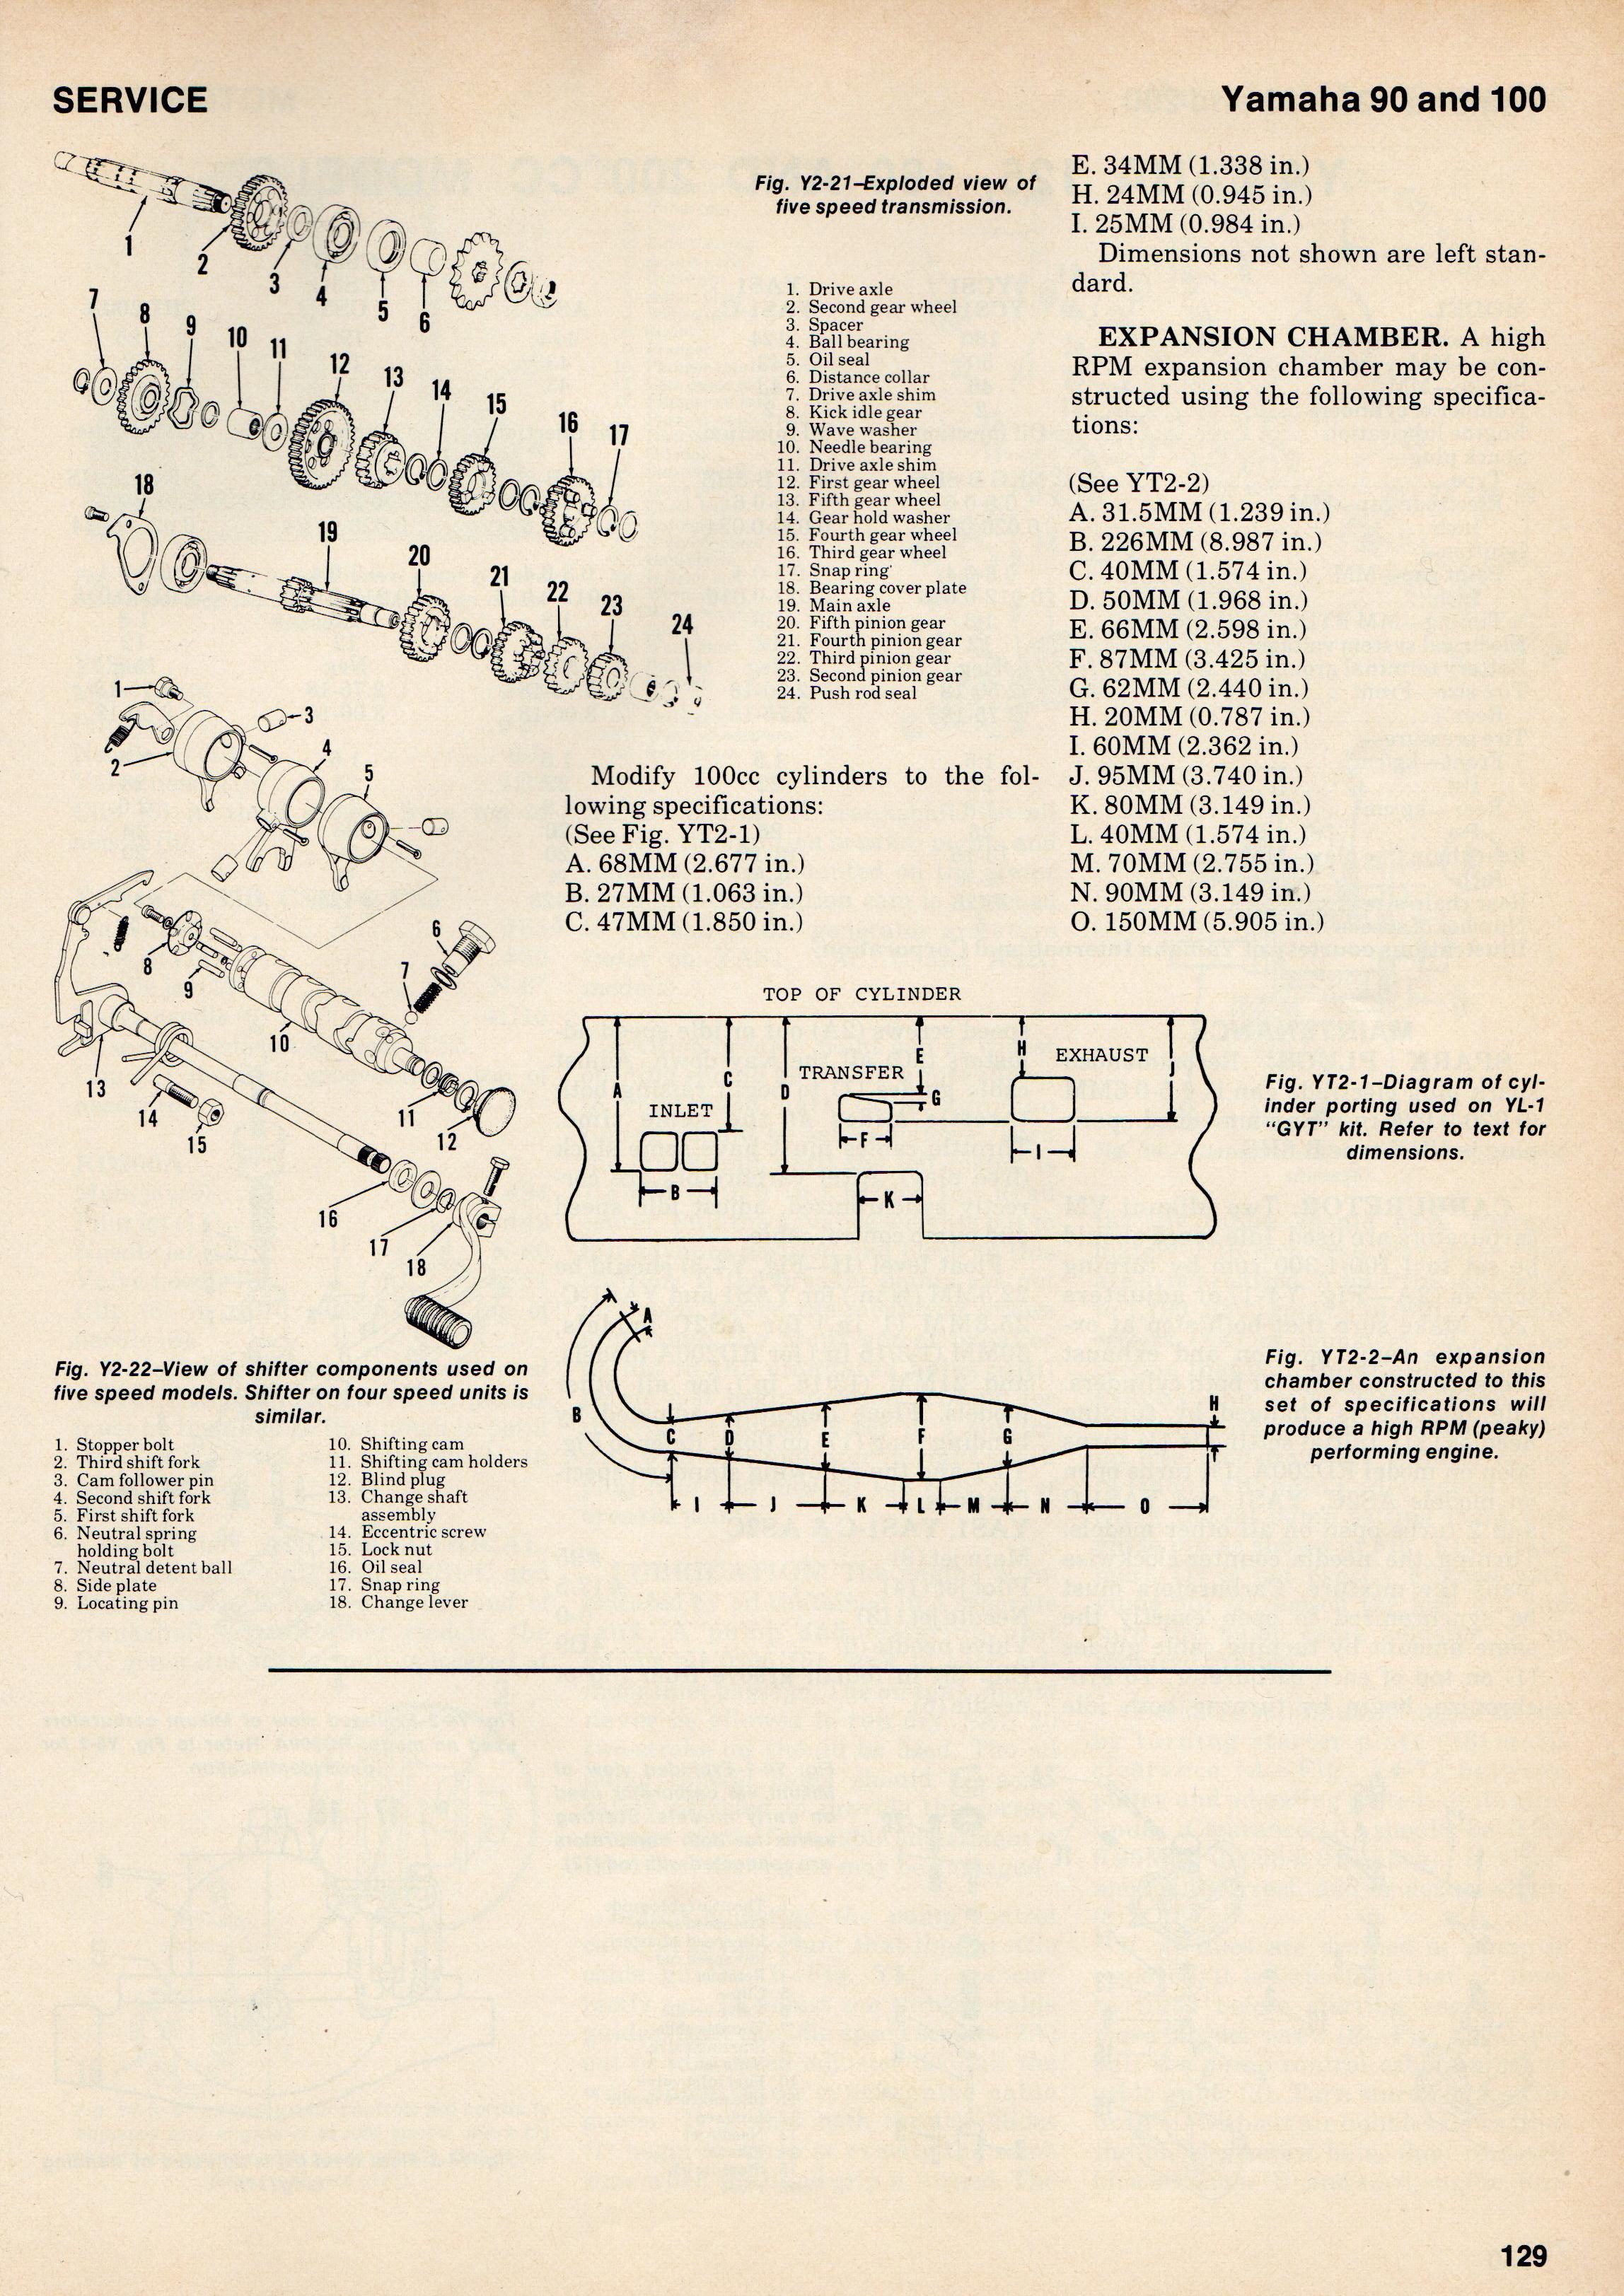 Yamaha Yl1 Wiring Diagram Harness Schematics Wetjet Vantech Twinjet Rh Motonut Com Golf Cart Raider